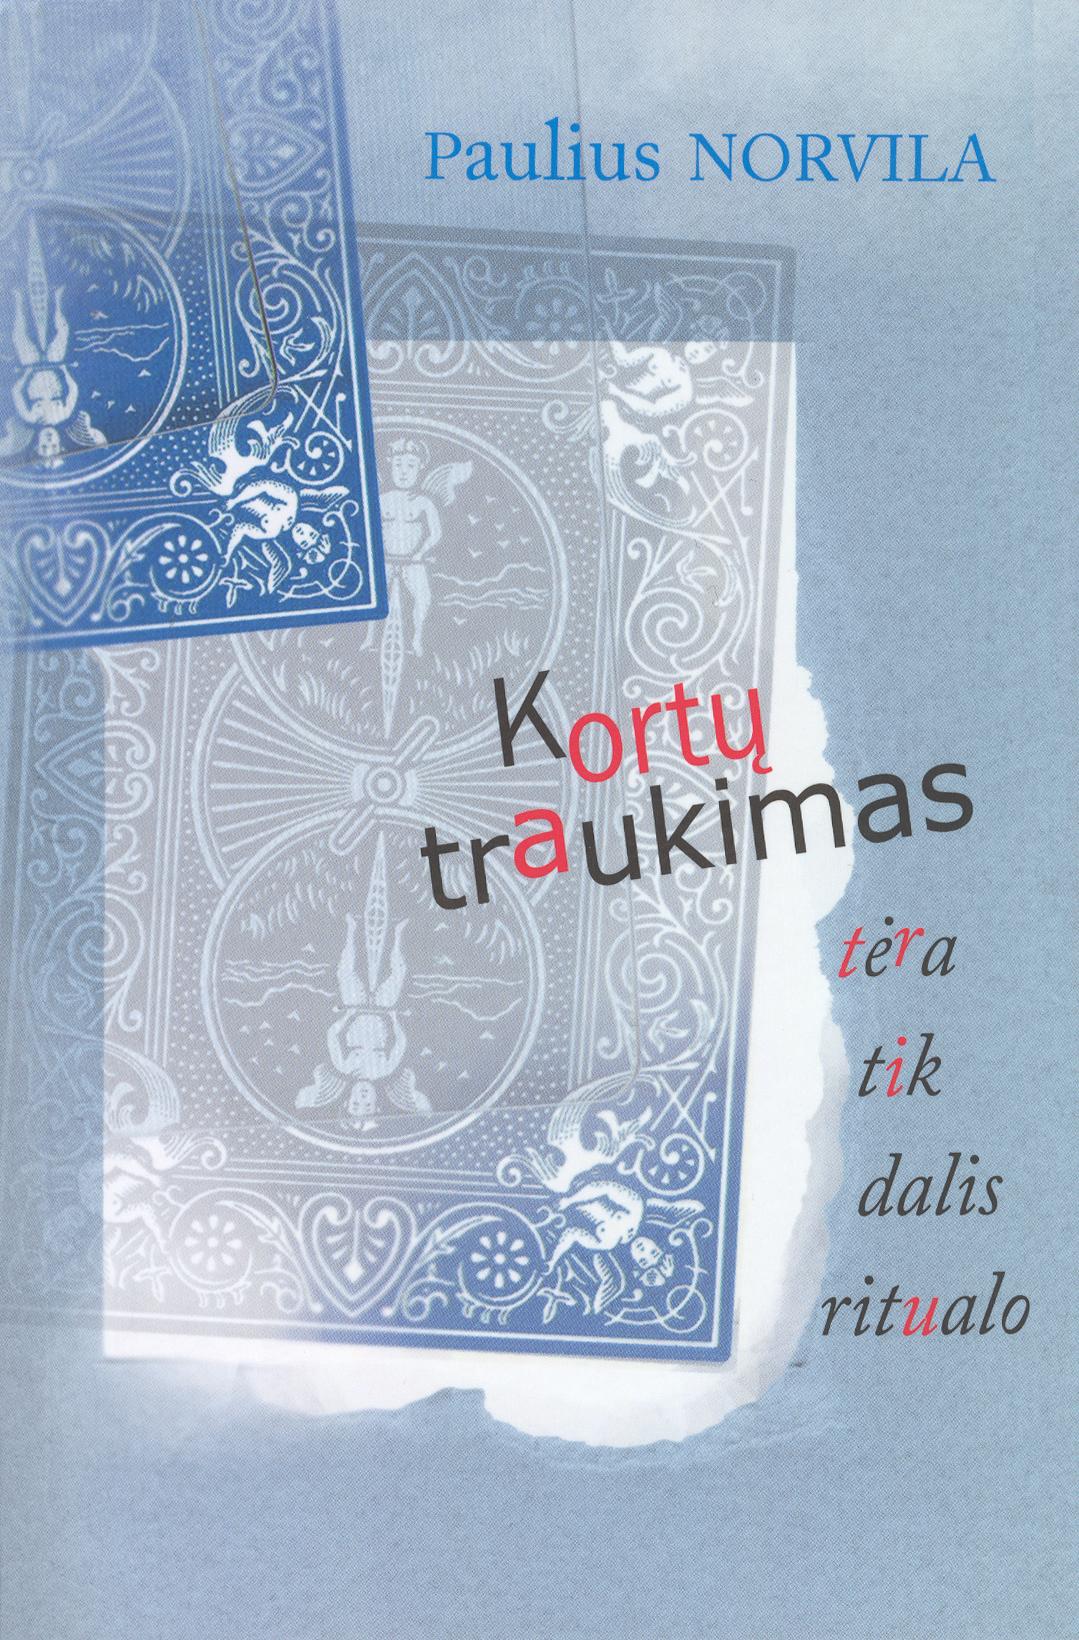 """Paulius Norvila """"Kortų traukimas tėra tik dalis ritualo"""" (Kaunas: Kauko laiptai, 2012)"""